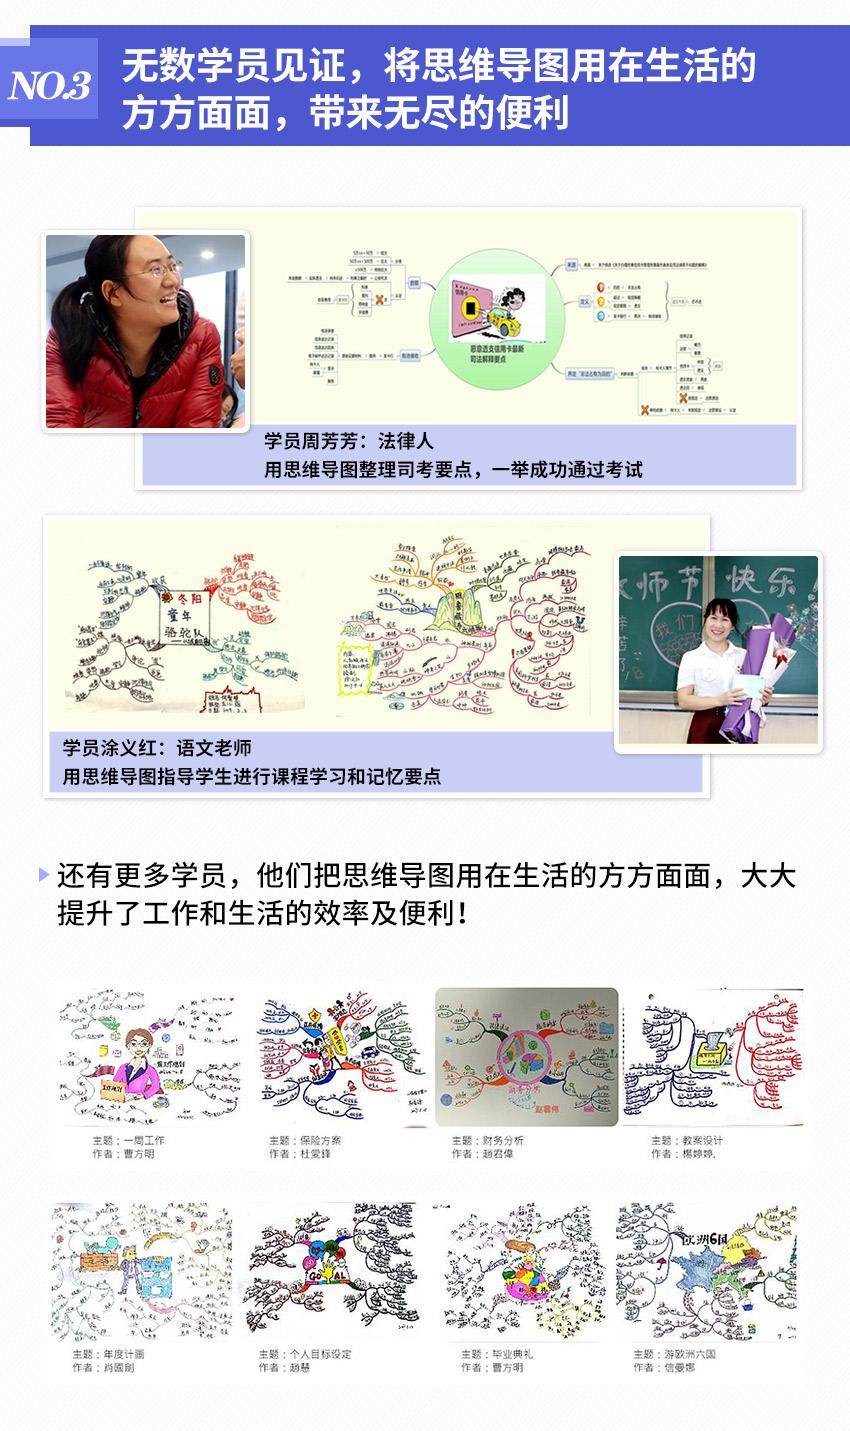 思维导图3_05.jpg